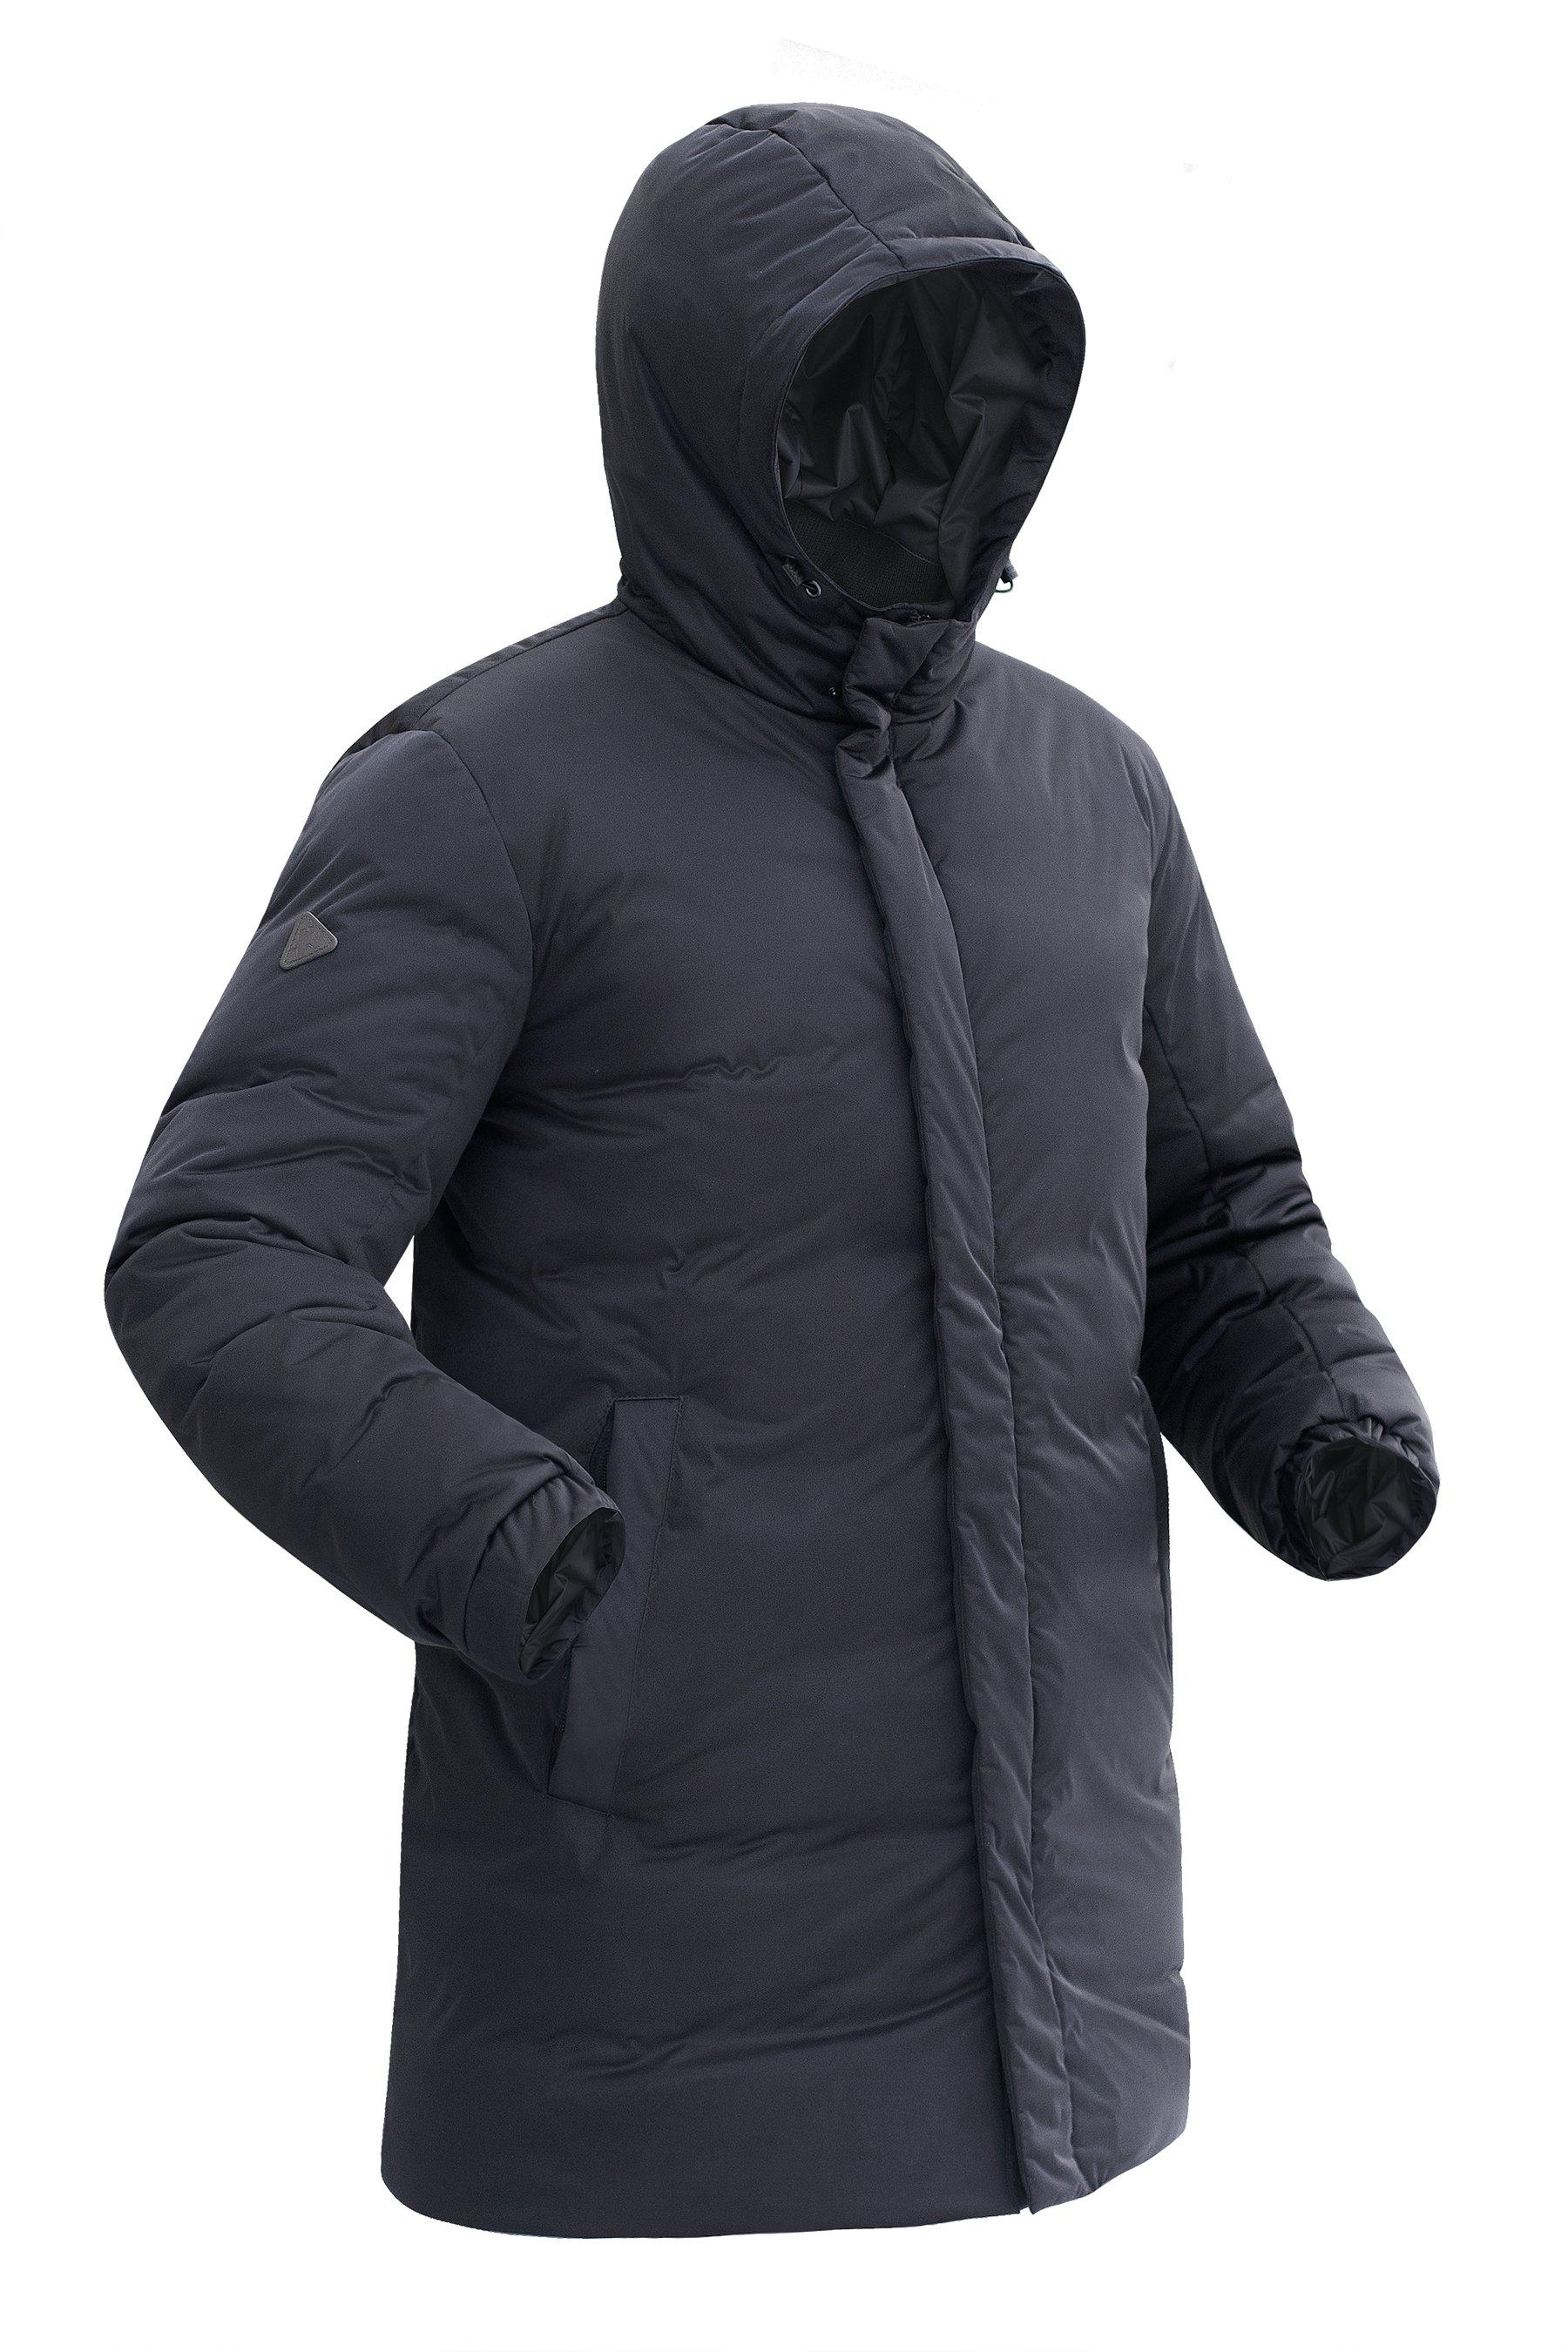 Пуховая куртка BASK ICEBERG LUX 5451Куртки<br><br><br>Верхняя ткань: Advance® Lux<br>Вес граммы: 950<br>Ветро-влагозащитные свойства верхней ткани: Нет<br>Ветрозащитная планка: Да<br>Ветрозащитная юбка: Нет<br>Влагозащитные молнии: Нет<br>Внутренние манжеты: Нет<br>Внутренняя ткань: Advance® Classic<br>Водонепроницаемость: 10000<br>Дублирующий центральную молнию клапан: Да<br>Защитный козырёк капюшона: Нет<br>Капюшон: Несъемный<br>Карман для средств связи: Нет<br>Количество внешних карманов: 2<br>Количество внутренних карманов: 2<br>Мембрана: Да<br>Объемный крой локтевой зоны: Нет<br>Отстёгивающиеся рукава: Нет<br>Паропроницаемость: 20000<br>Показатель Fill Power (для пуховых изделий): 700<br>Пол: Мужской<br>Проклейка швов: Нет<br>Регулировка манжетов рукавов: Да<br>Регулировка низа: Нет<br>Регулировка объёма капюшона: Да<br>Регулировка талии: Нет<br>Регулируемые вентиляционные отверстия: Нет<br>Световозвращающая лента: Нет<br>Технология Thermal Welding: Нет<br>Технология швов: Простые<br>Тип молнии: Двухзамковая<br>Тип утеплителя: Натуральный<br>Усиление контактных зон: Нет<br>Утеплитель: Гусиный пух<br>Размер RU: 54<br>Цвет: ЧЕРНЫЙ